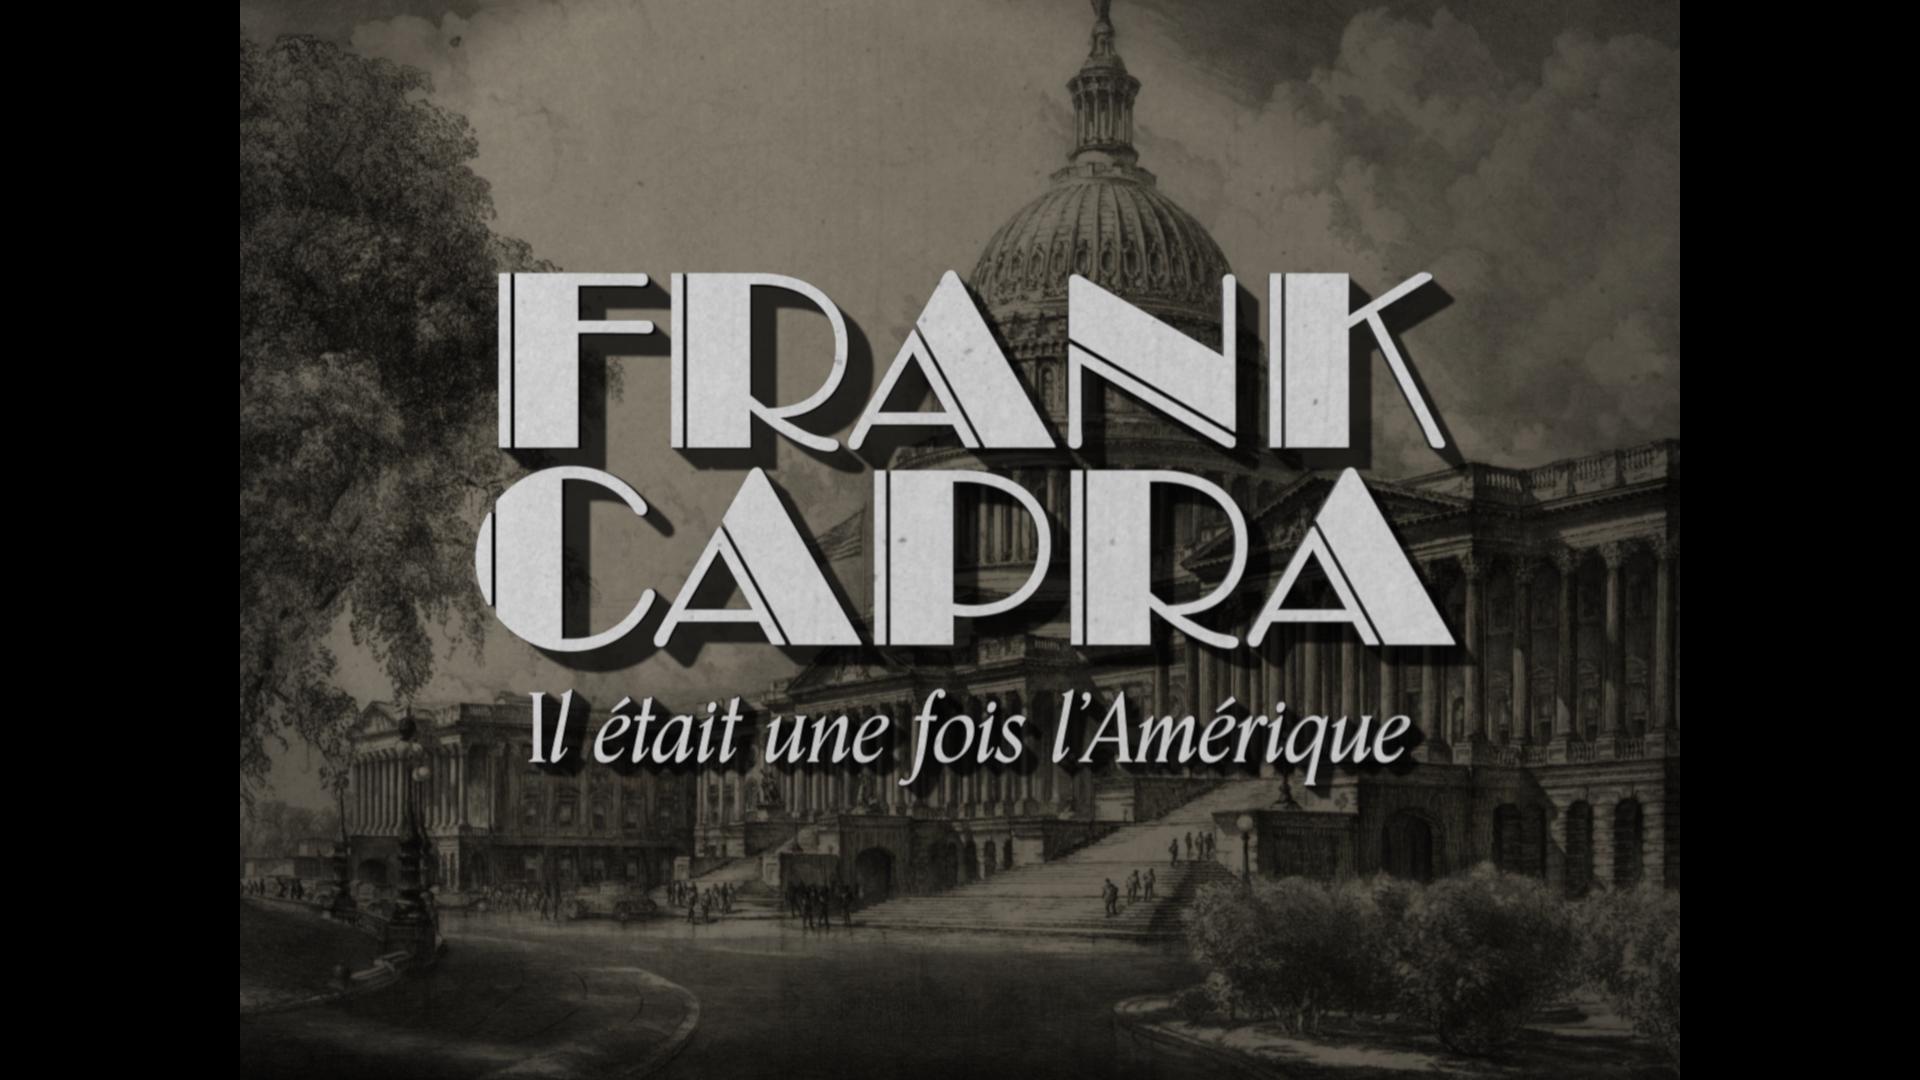 FRANK CAPRA, IL ÉTAIT UNE FOIS L'AMÉRIQUE // ARTE